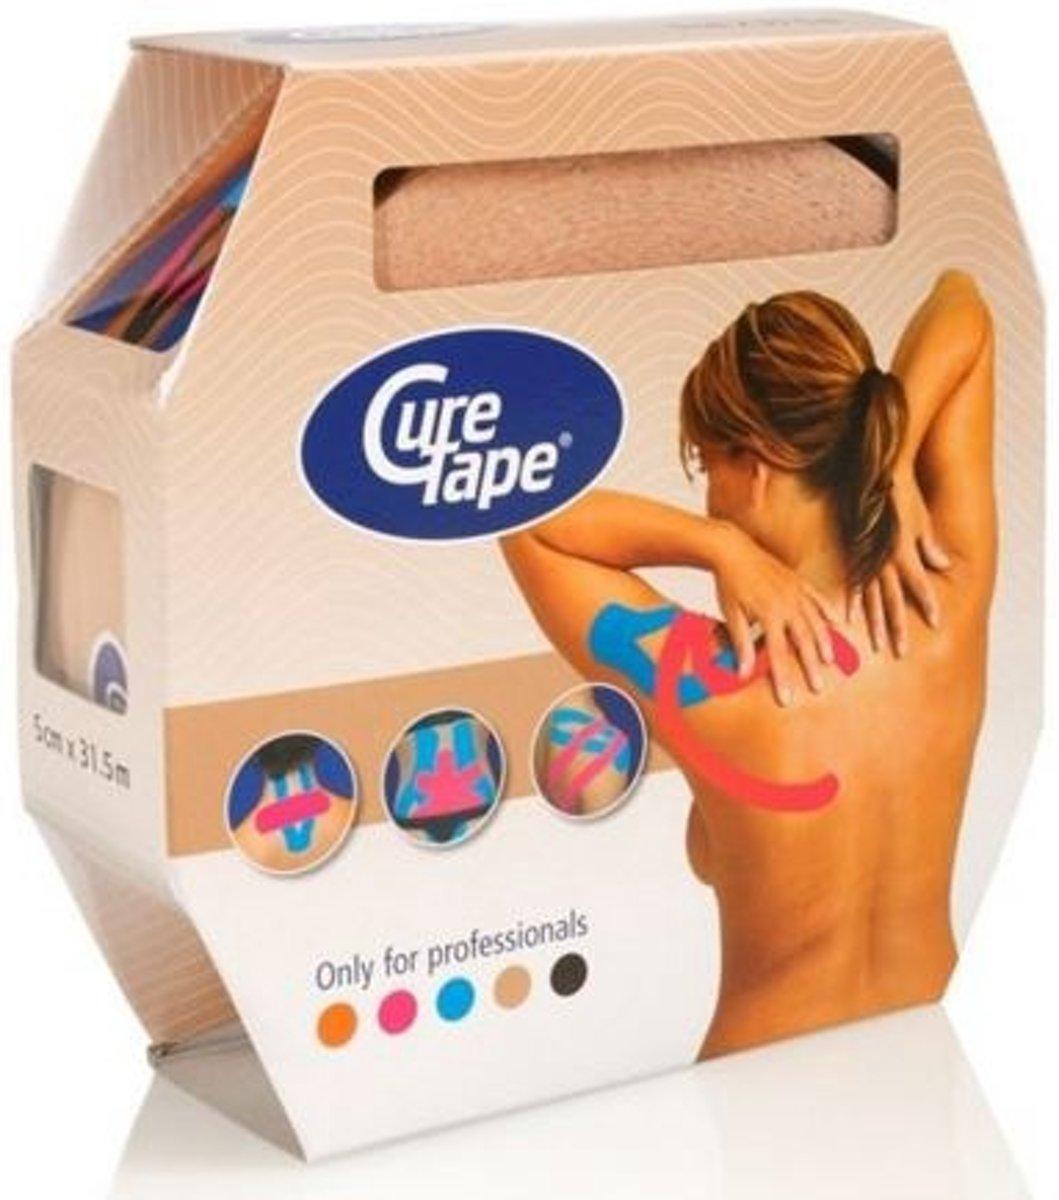 Cure Tape Sporttape Professioneel Beige Giant Xl Rol kopen